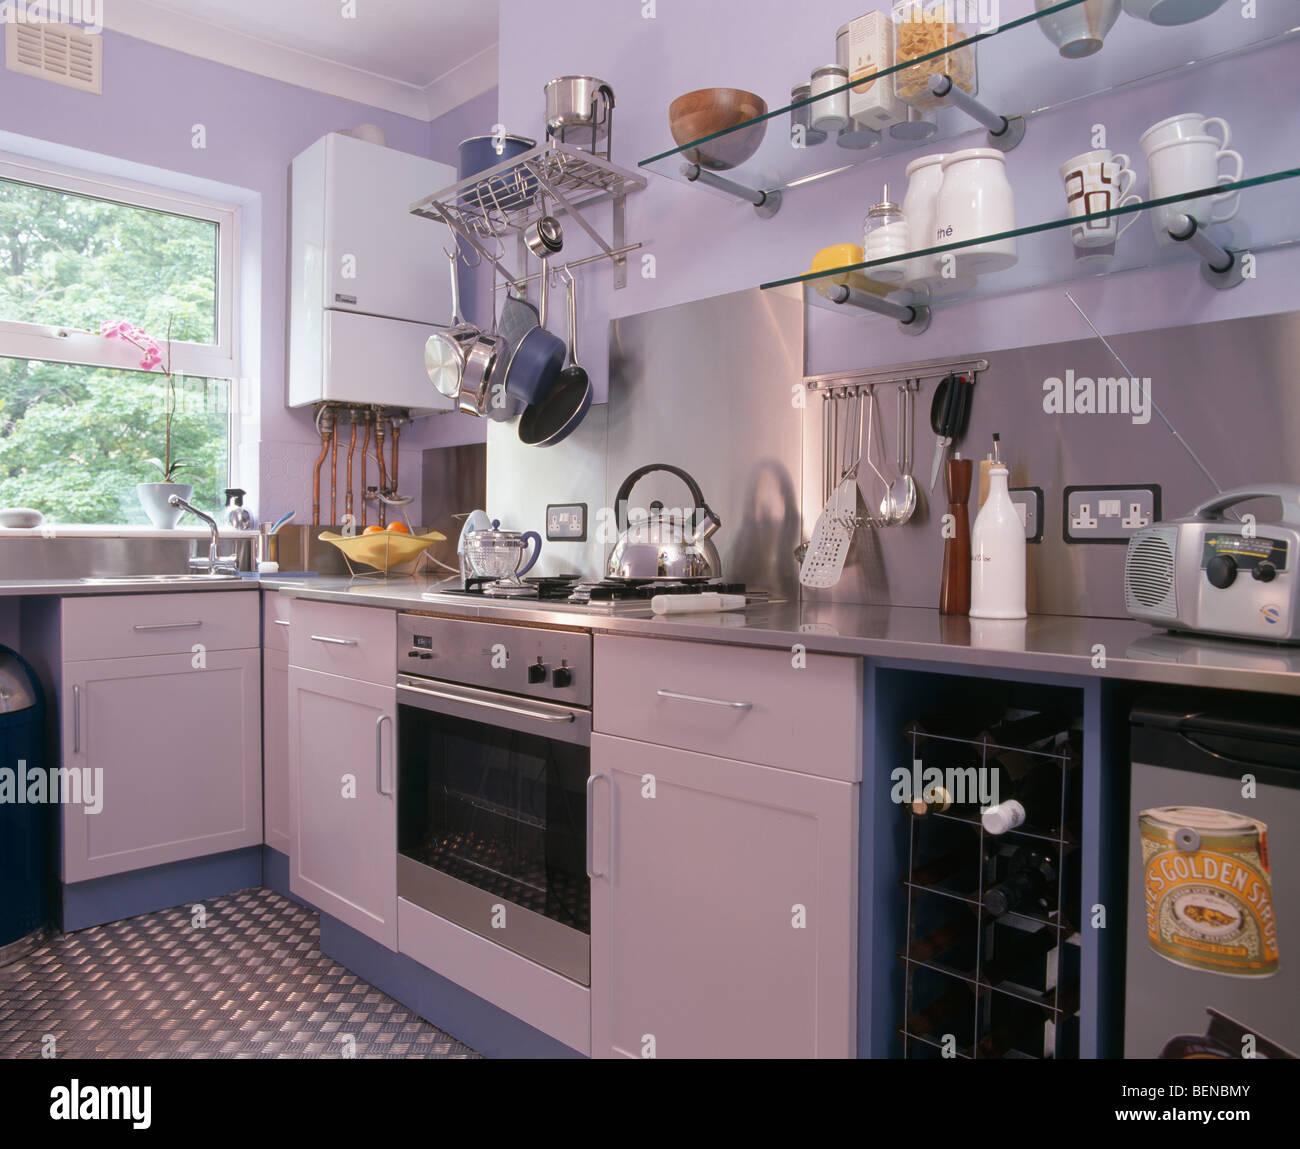 Küche Lila | Regal Glas Und Edelstahl Ofen In Modernen Lila Kuche Mit Edelstahl